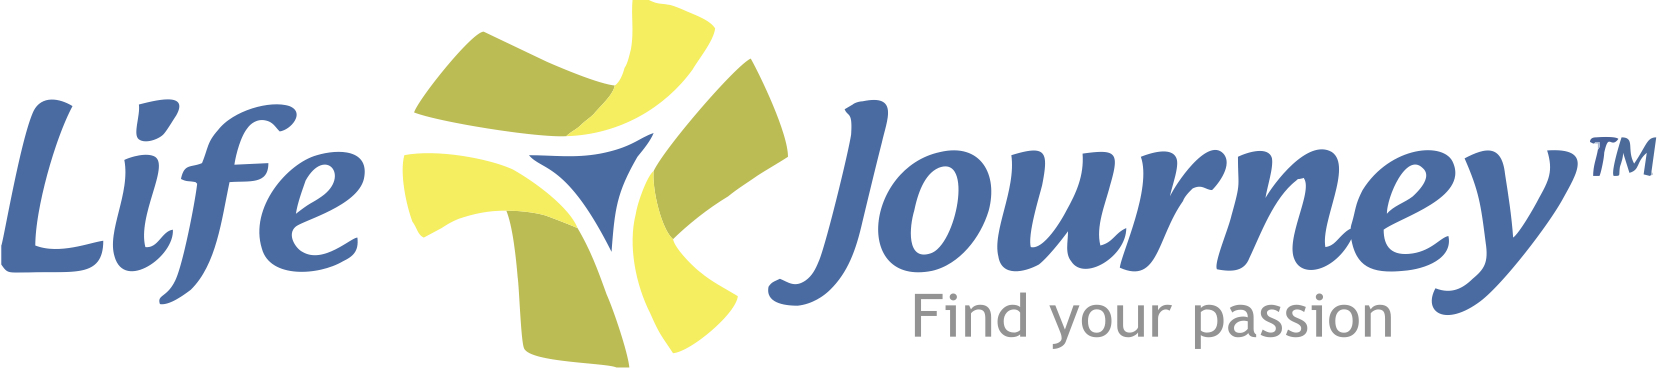 LifeJourney-logo (3)